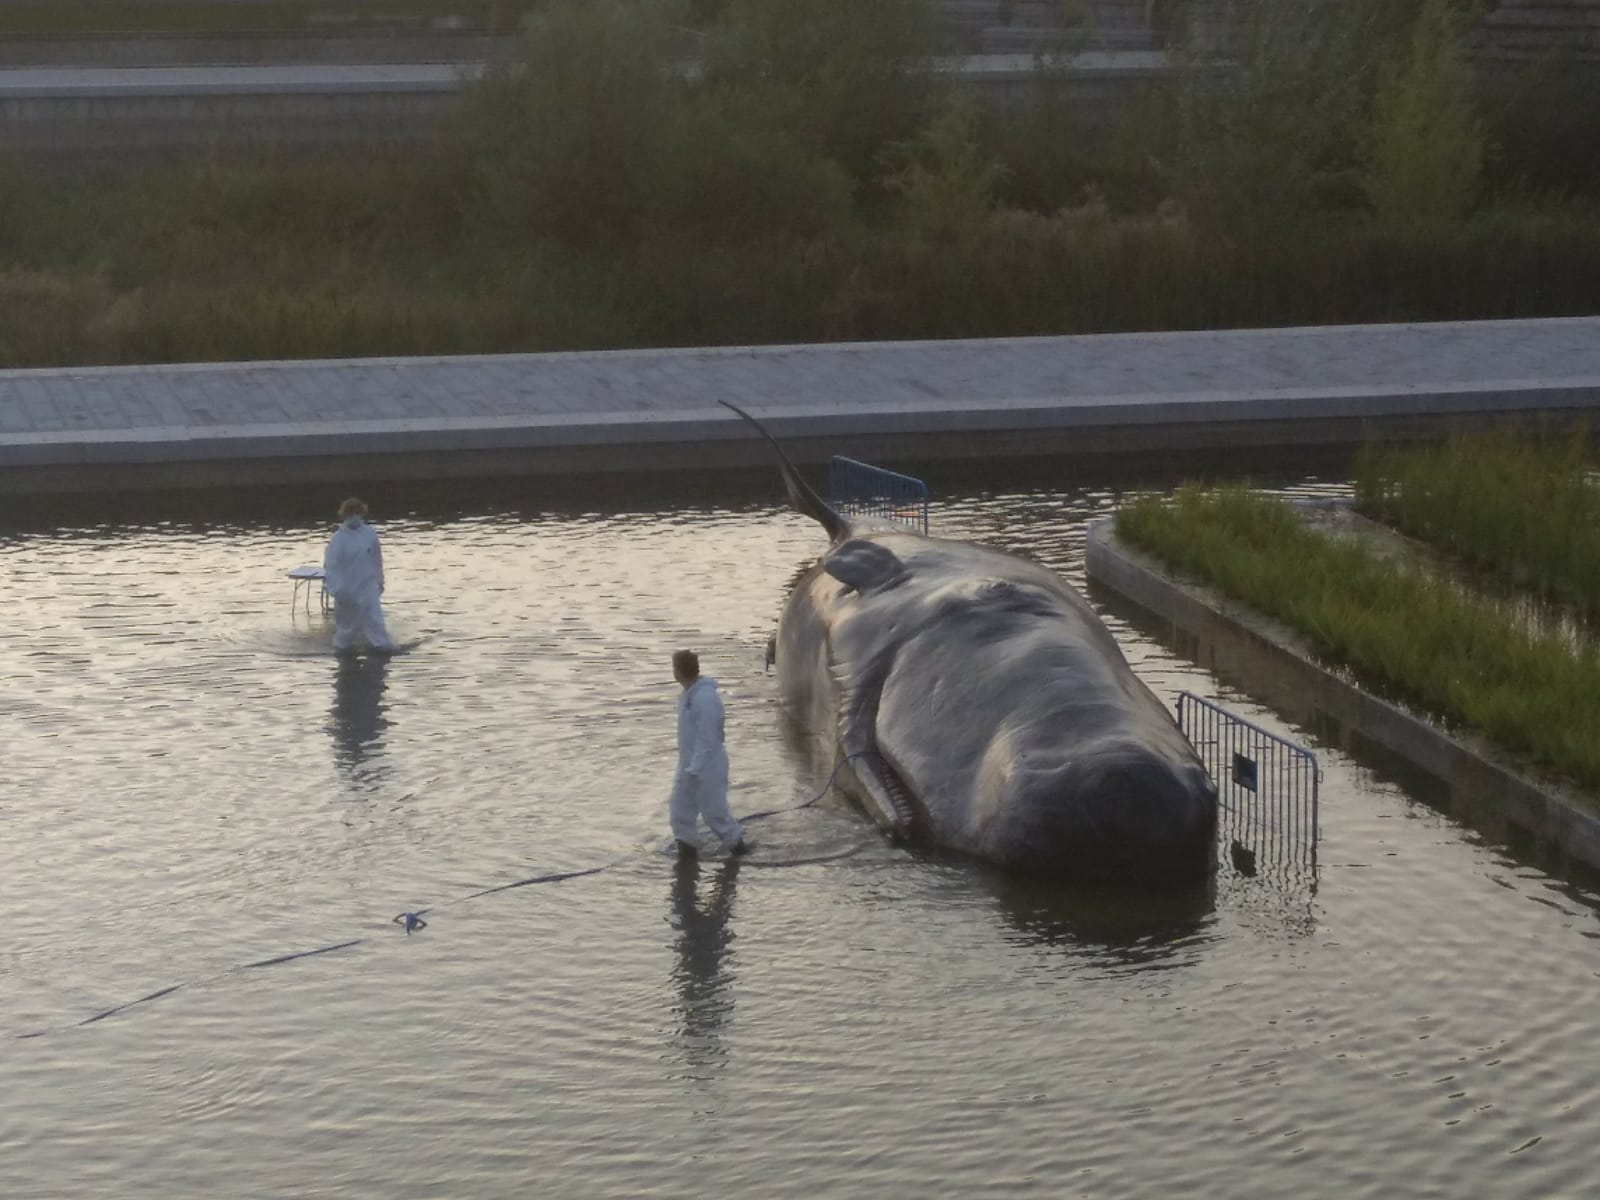 Una ballena en Madrid